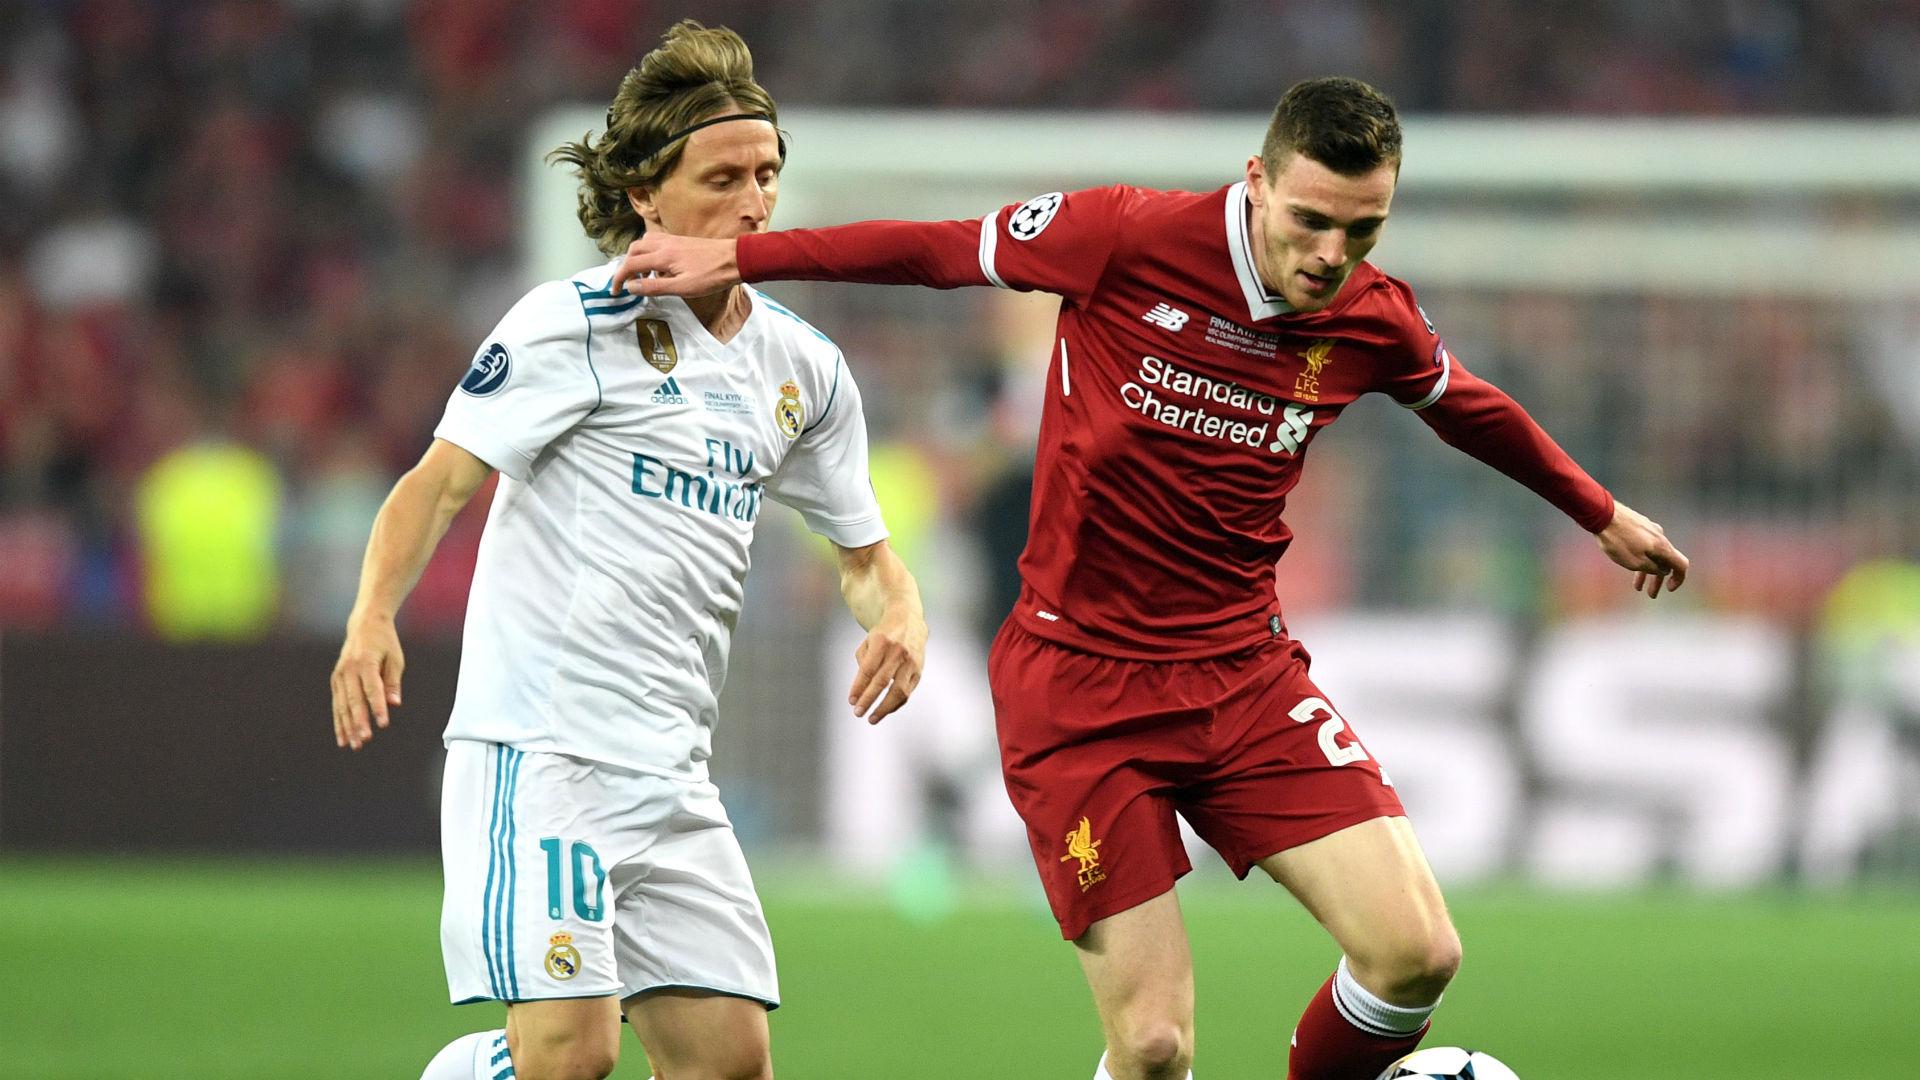 ماكمانمان: ريال مدريد يشبه ليفربول كقوة عظمى | Goal.com